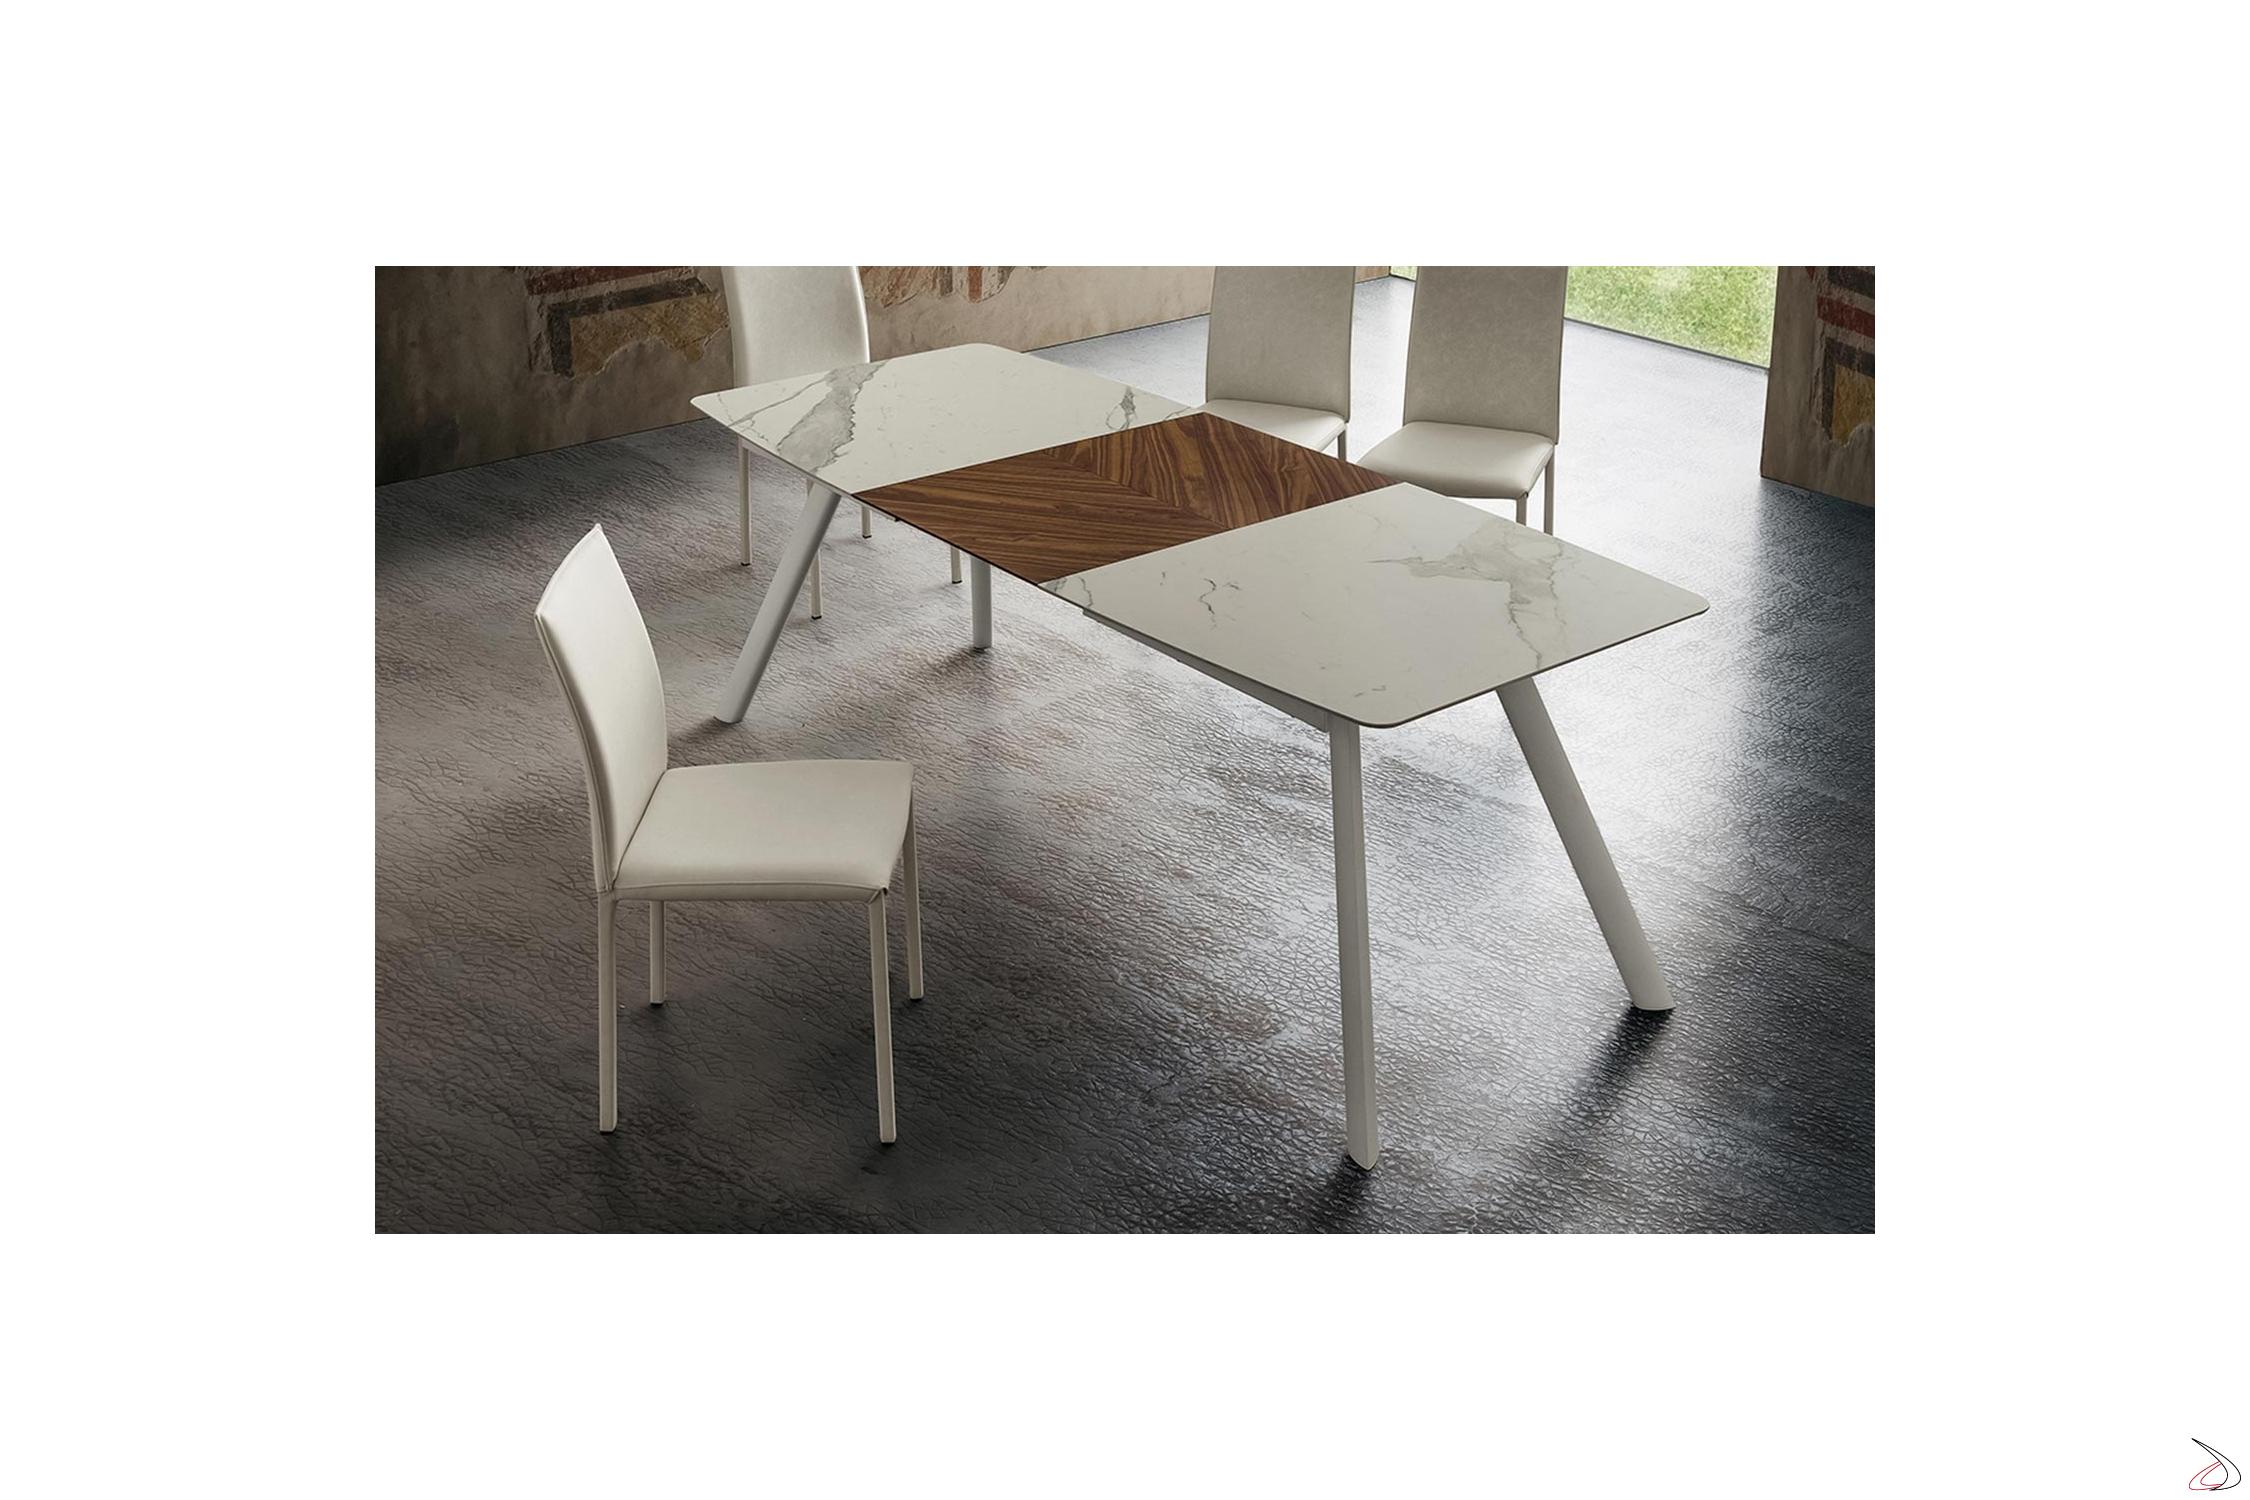 Lien Tisch Mit Fassplatte Und Zentraler Verlangerung Zum Buchen Toparredi